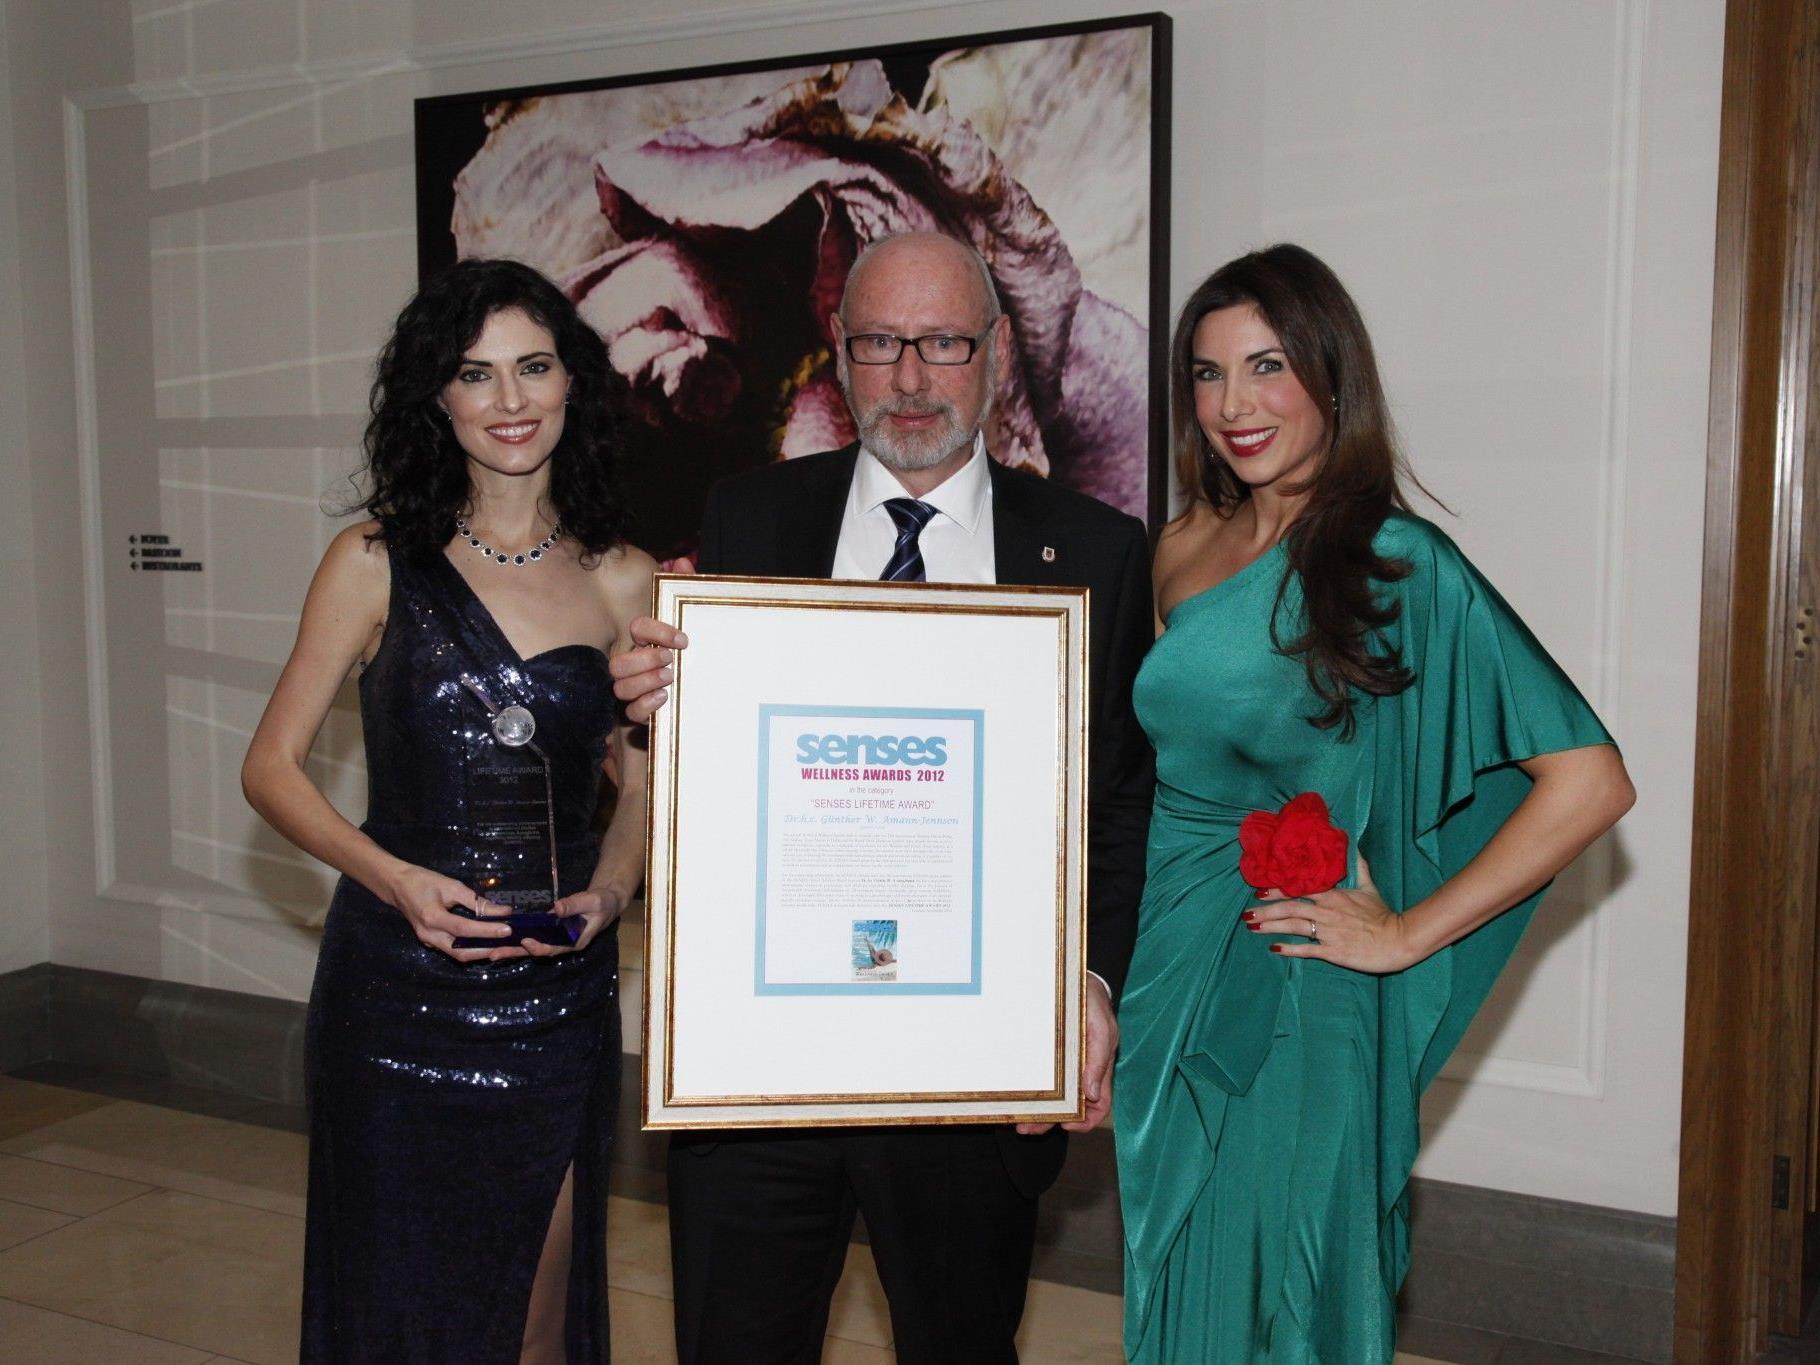 Der Frastanzer Günther W. Amann erhielt in London den Senses Life Time Award 2012 überreicht.